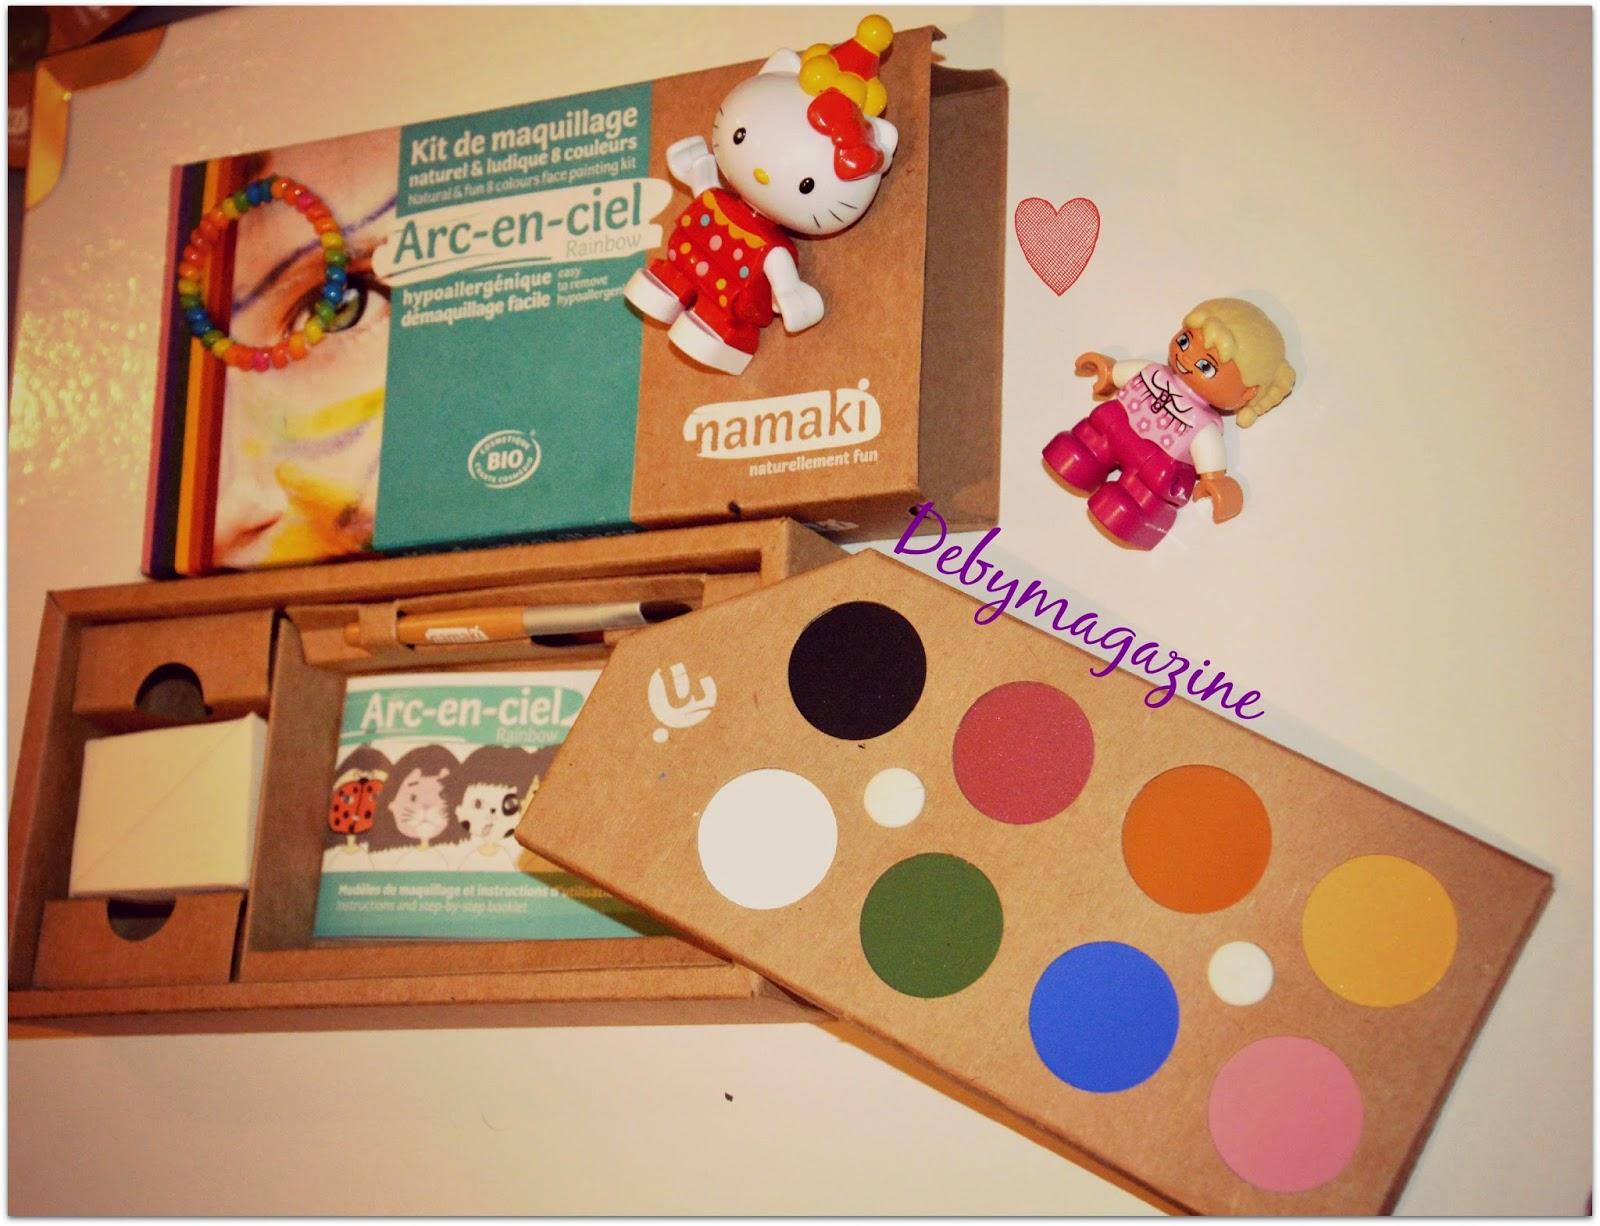 kit de maquillage pour en enfant bio, arc-en-ciel